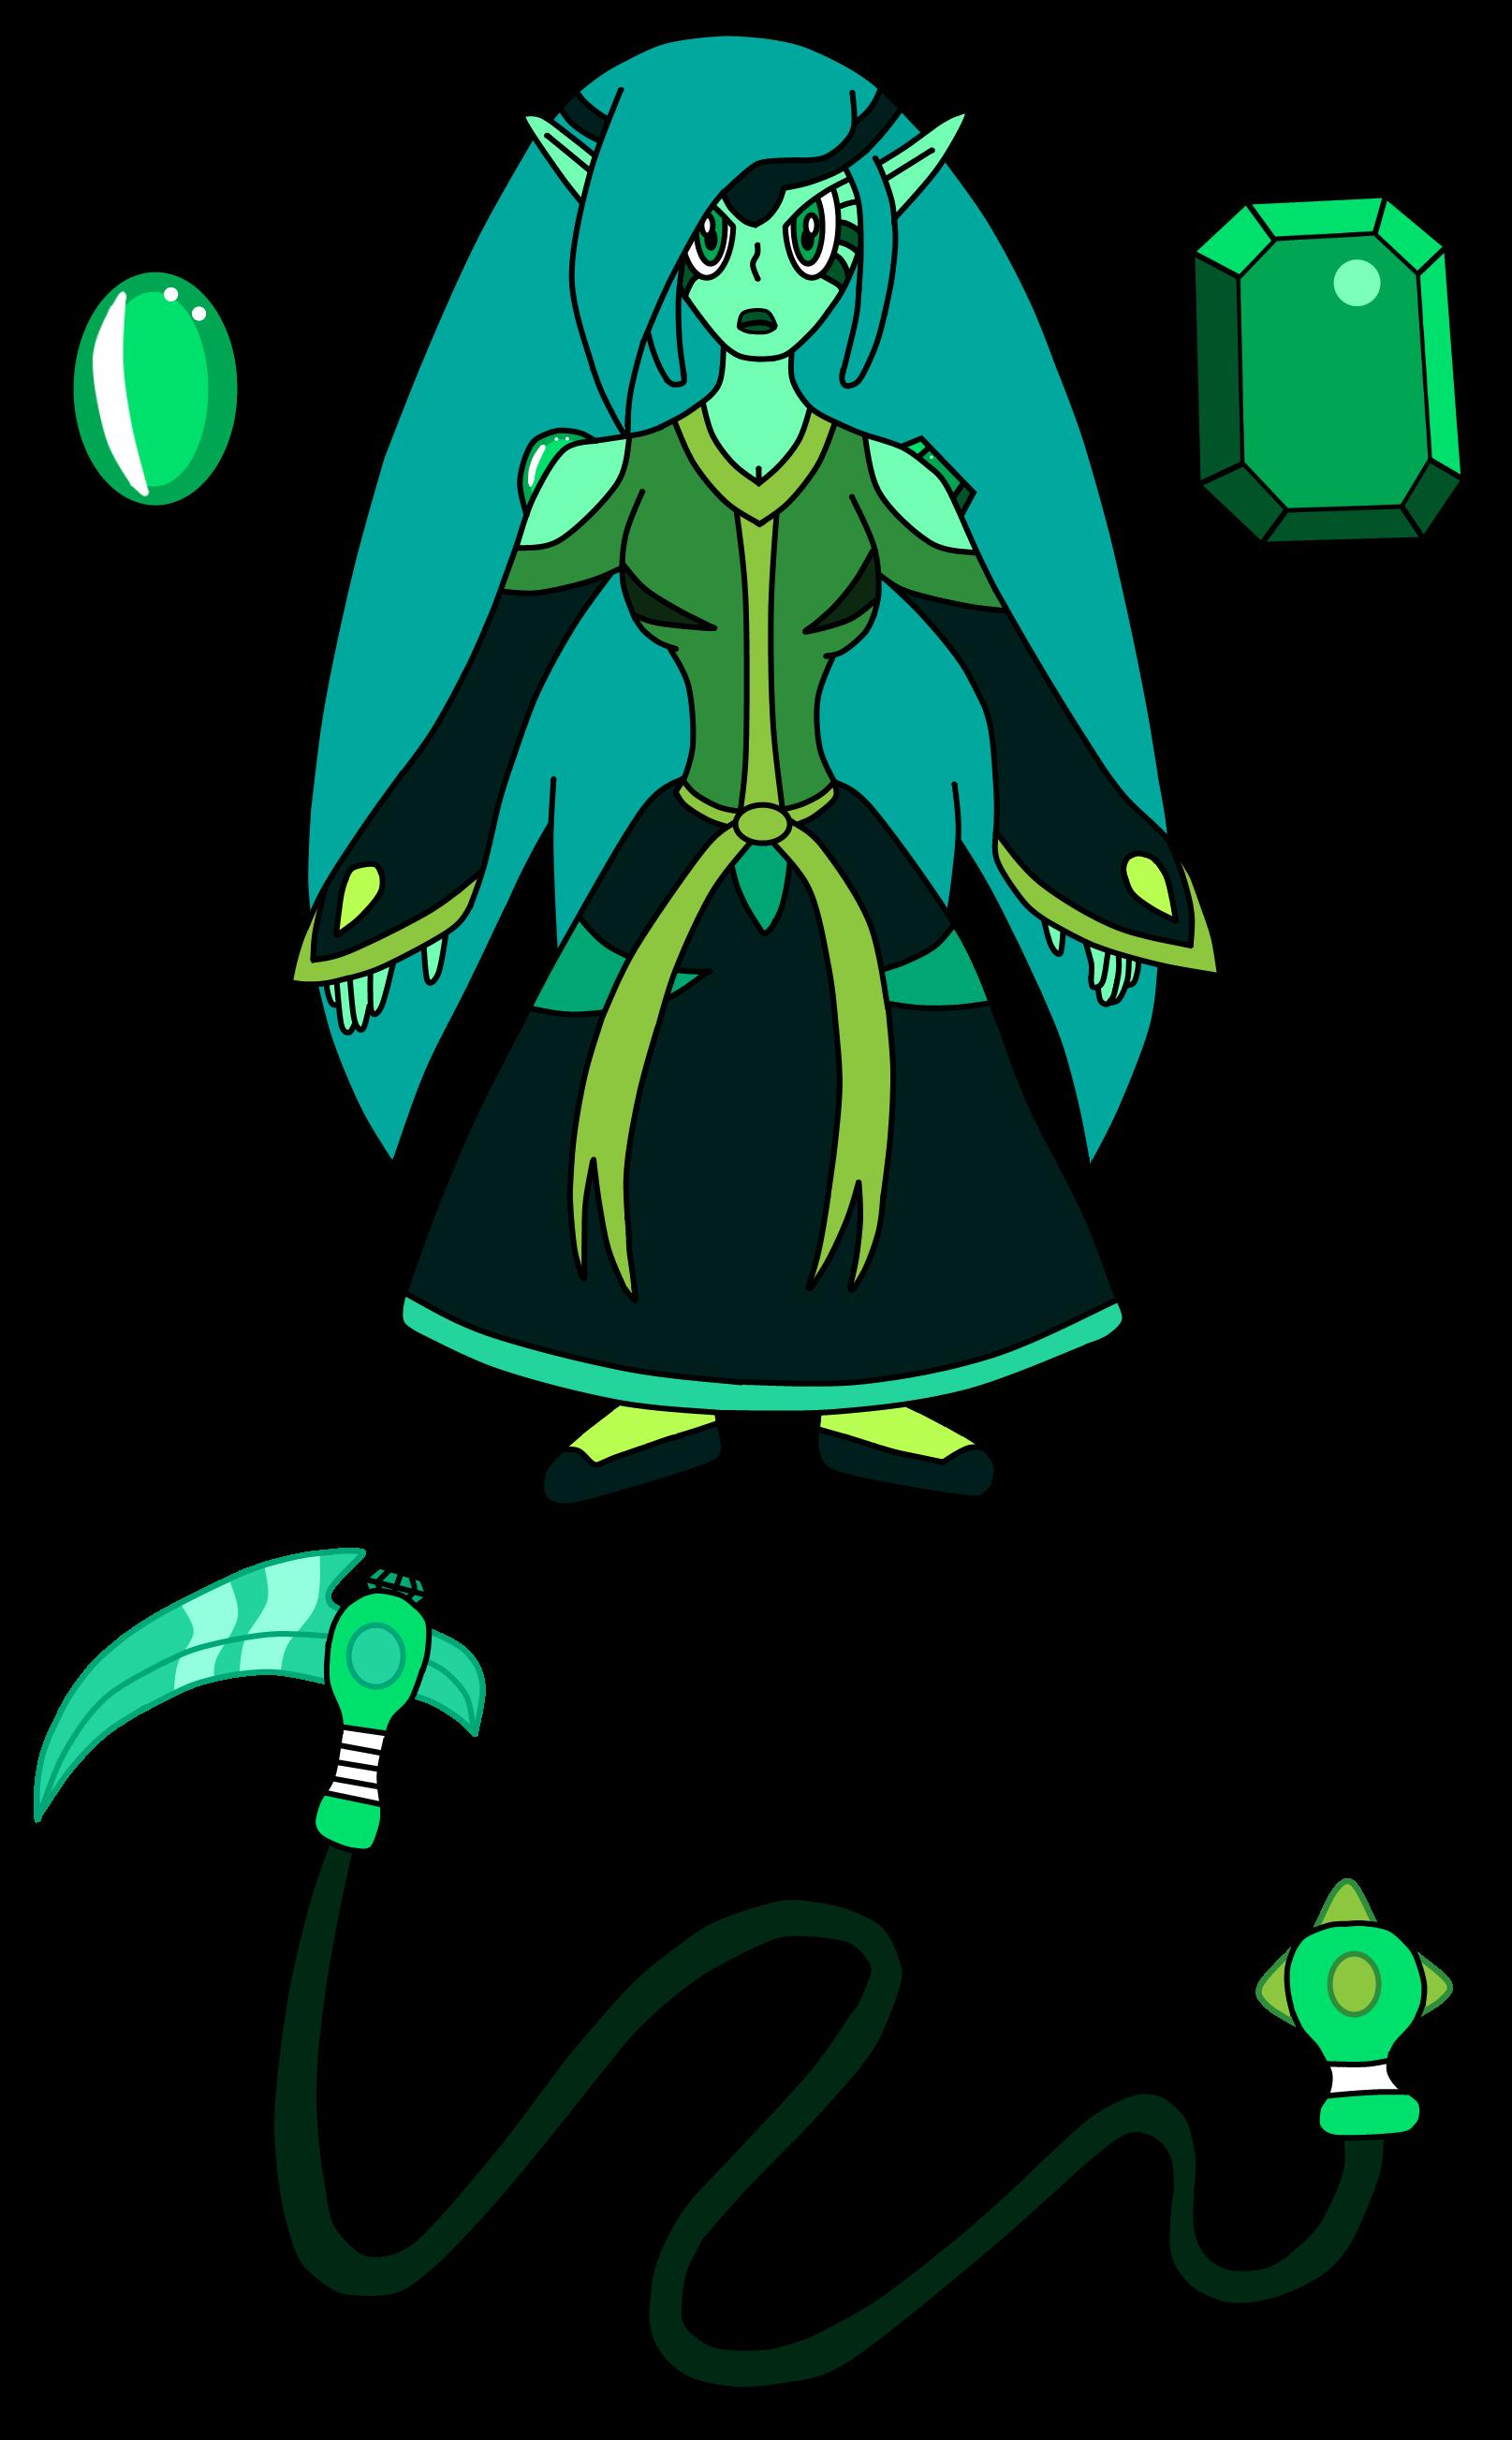 Gems clipart jade Gem by Jade Fusion DeviantArt